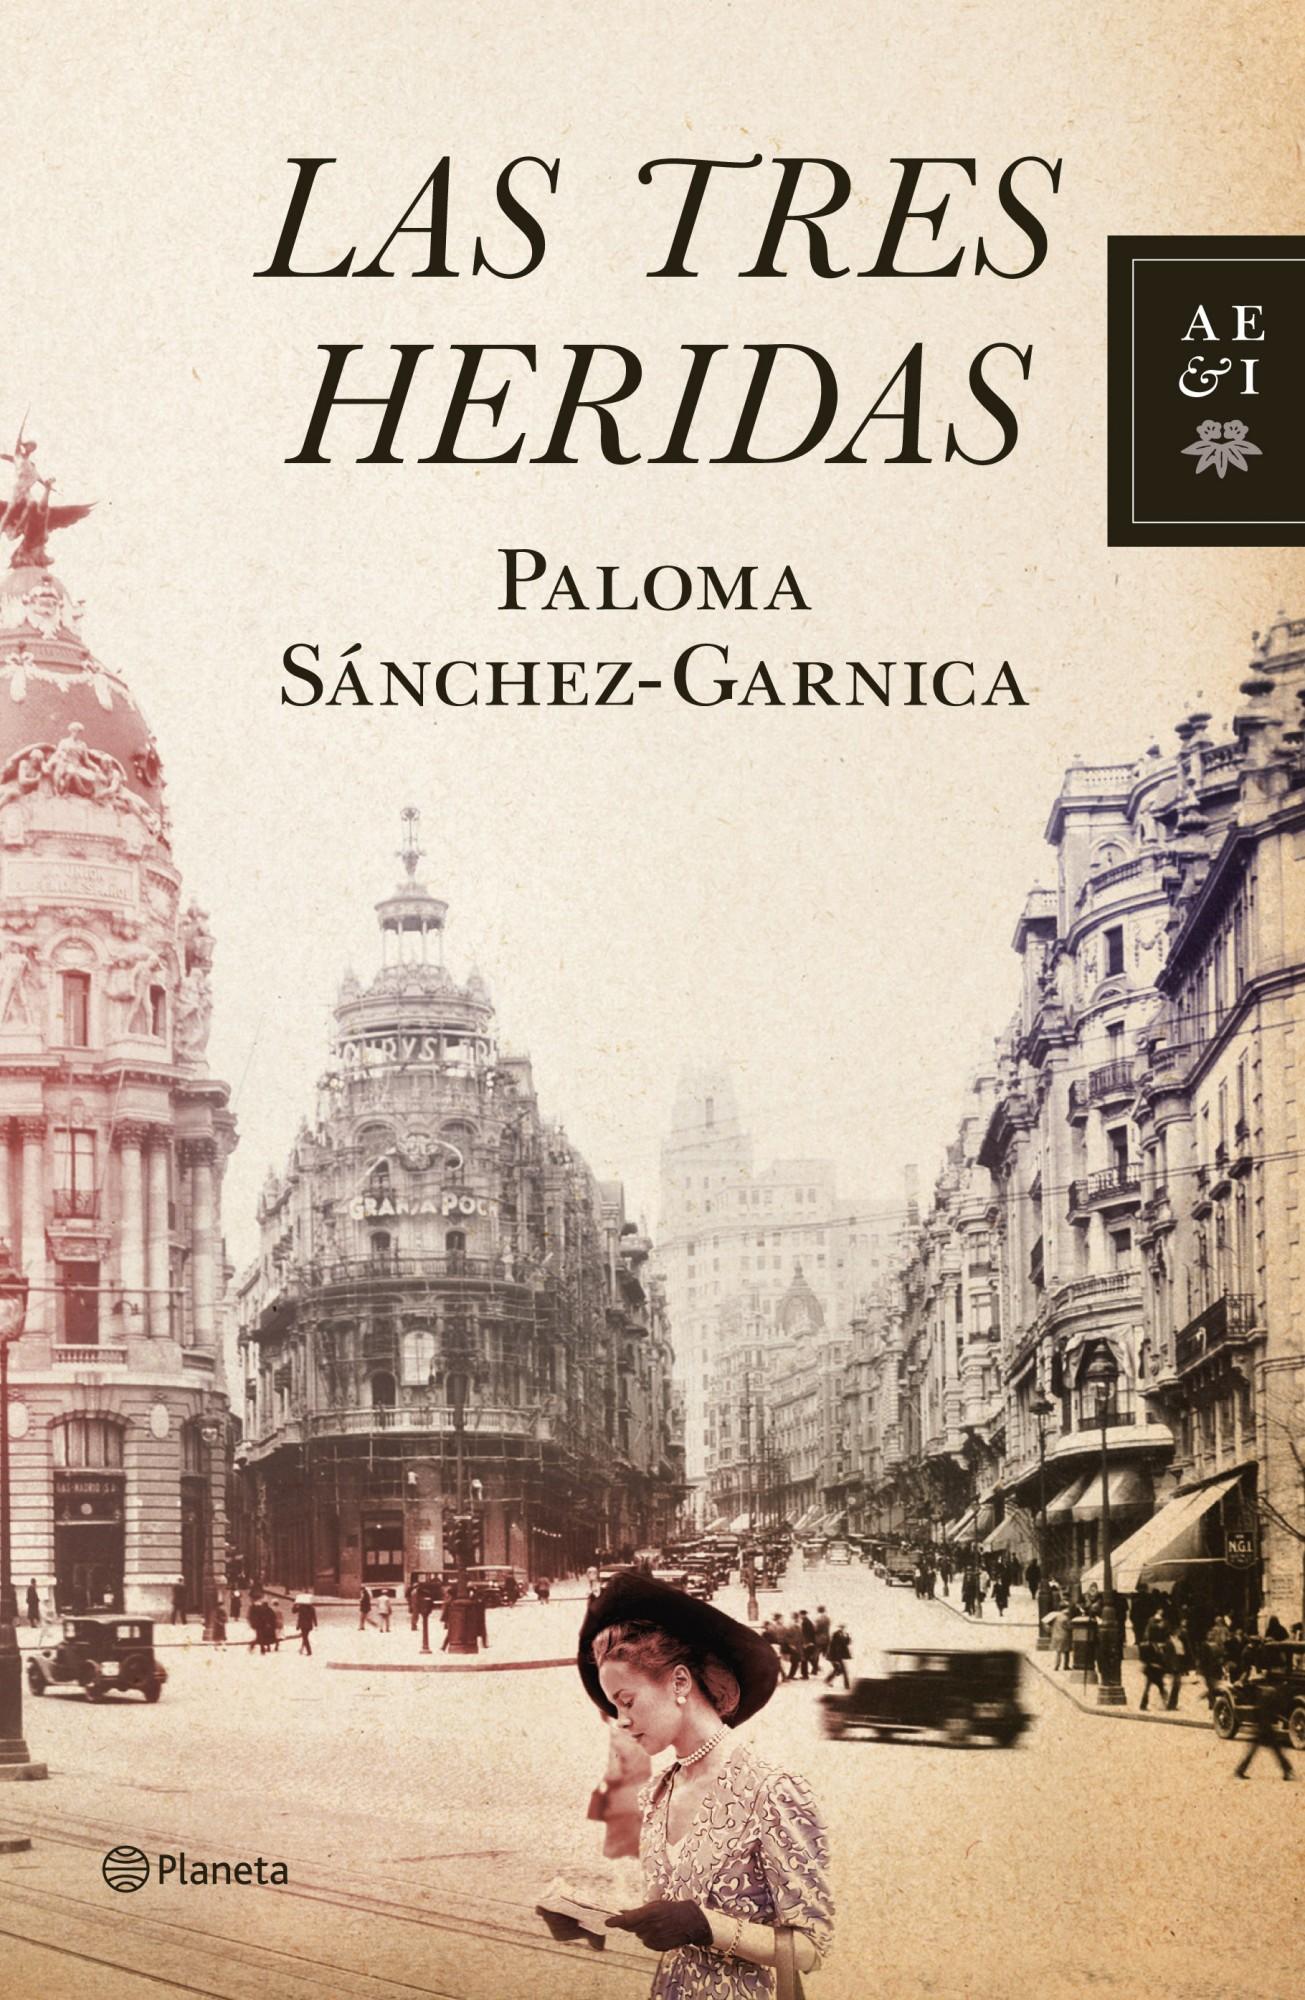 Las Tres Heridas por Paloma Sanchez-garnica